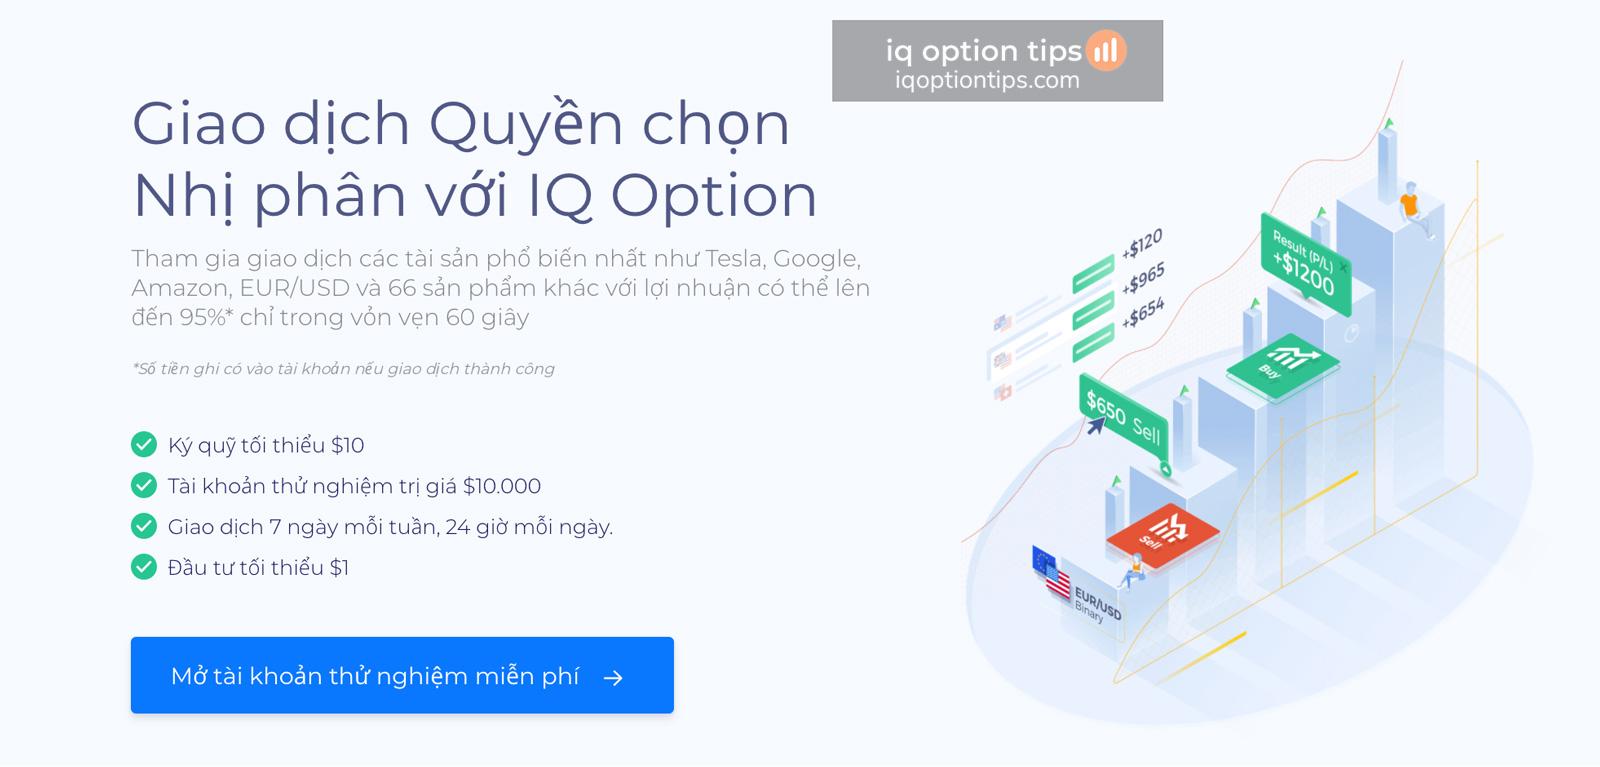 Bắt đầu giao dịch với tài khoản IQ Option Demo như thế nào?